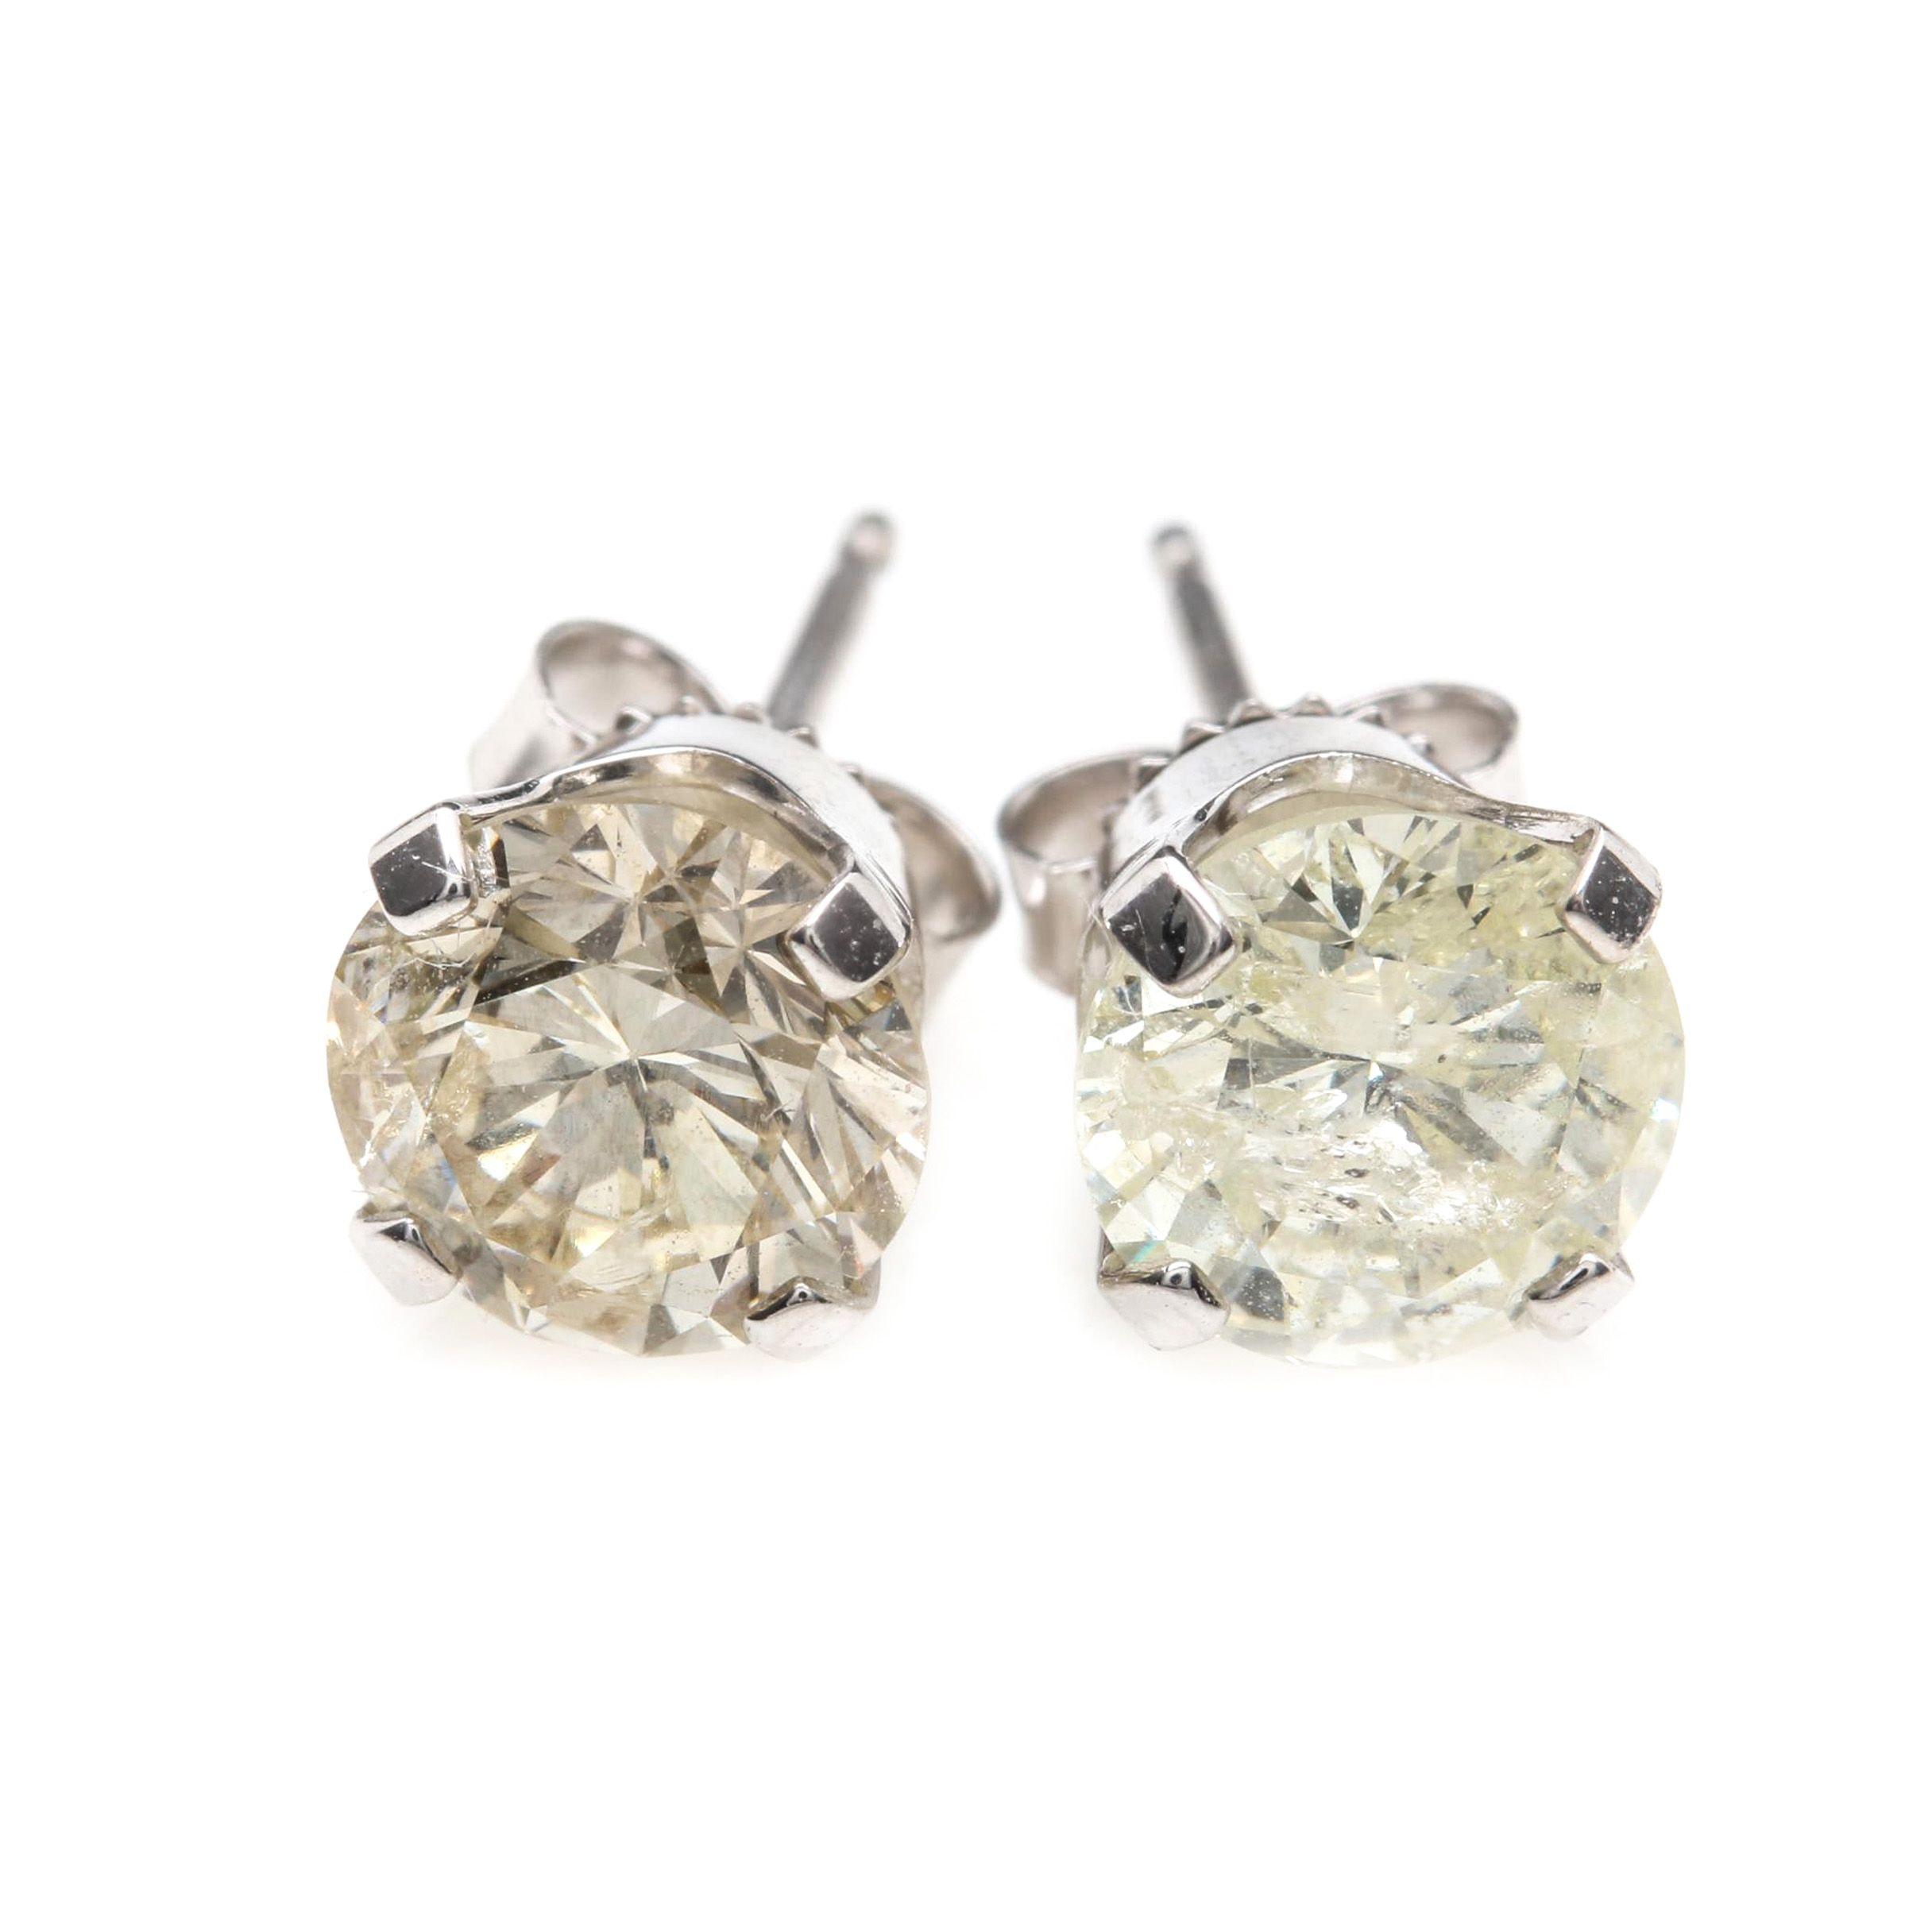 14K White Gold 2.01 CTW Diamond Stud Earrings